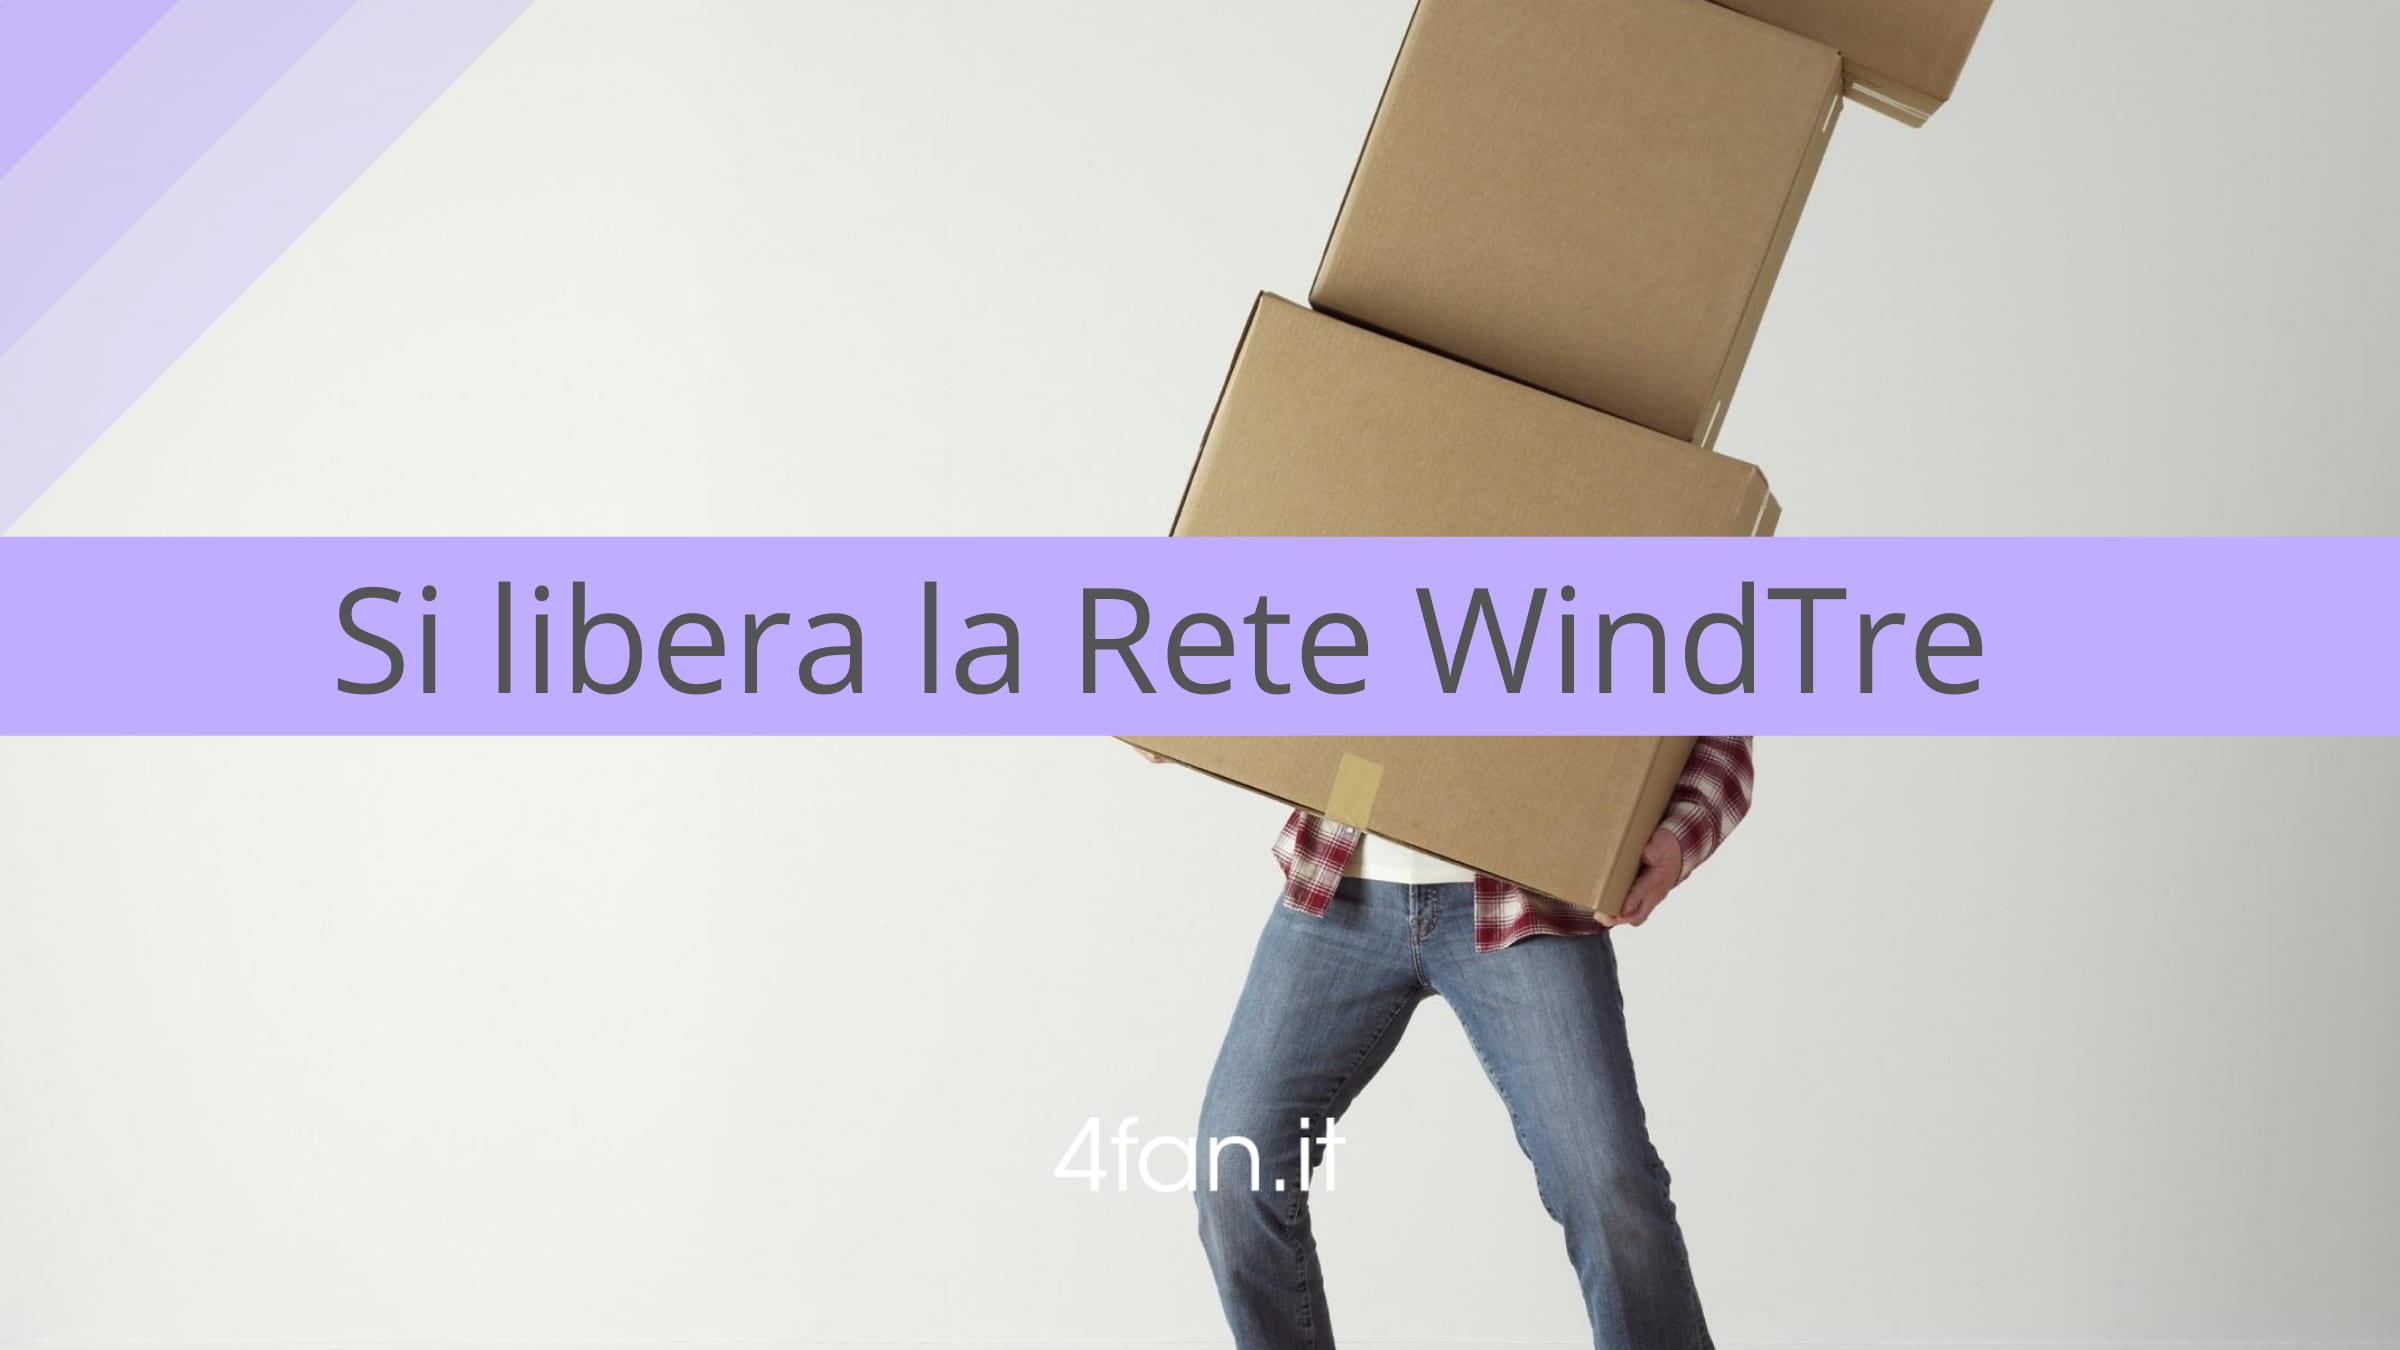 Rete WindTre rivoluzione PosteMobile